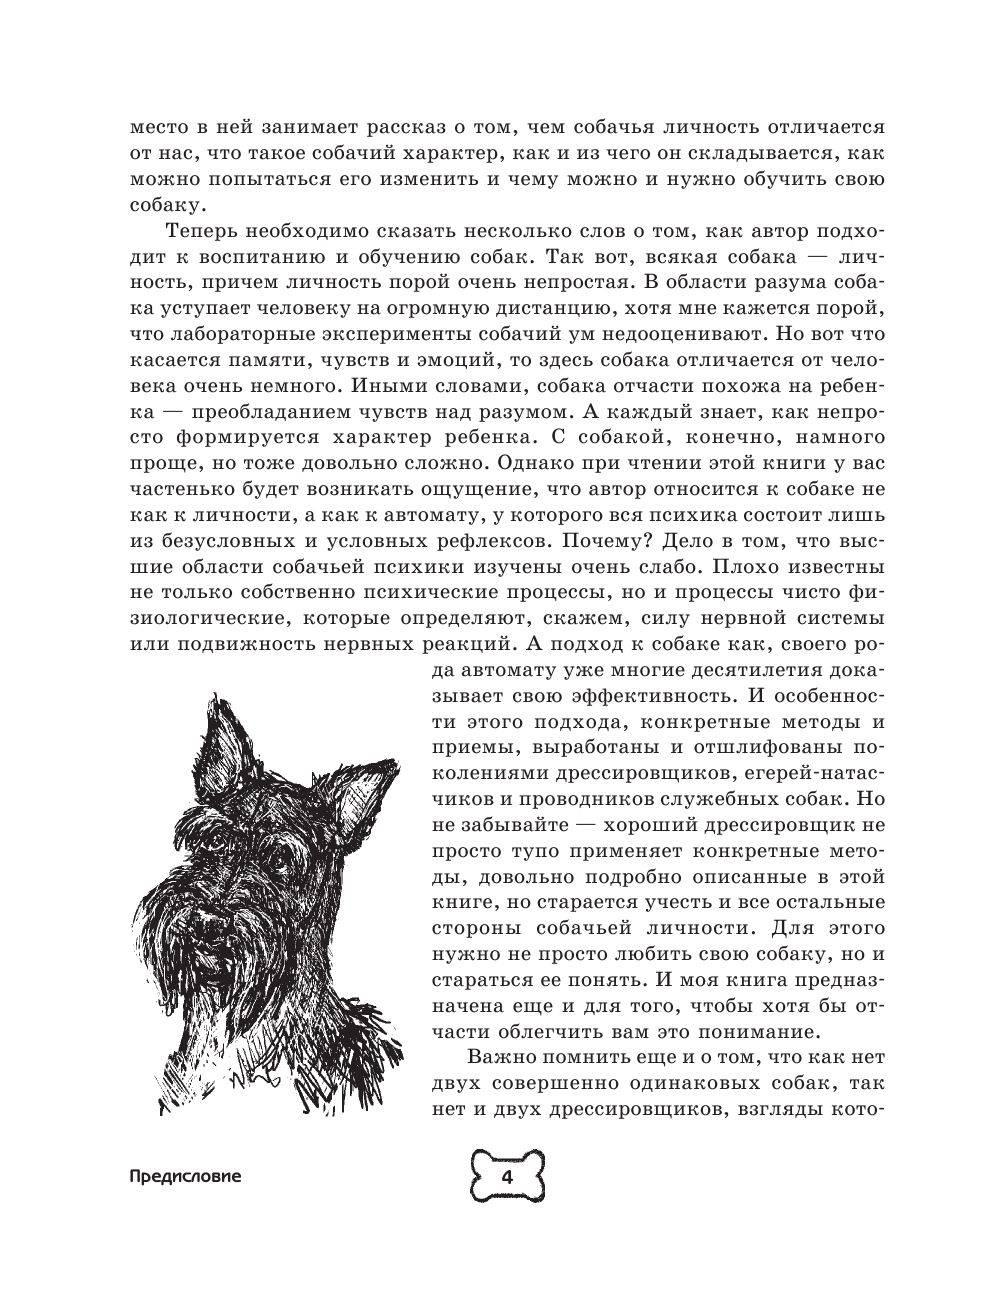 Как научить собаку команде фас: инструкция (+видео)